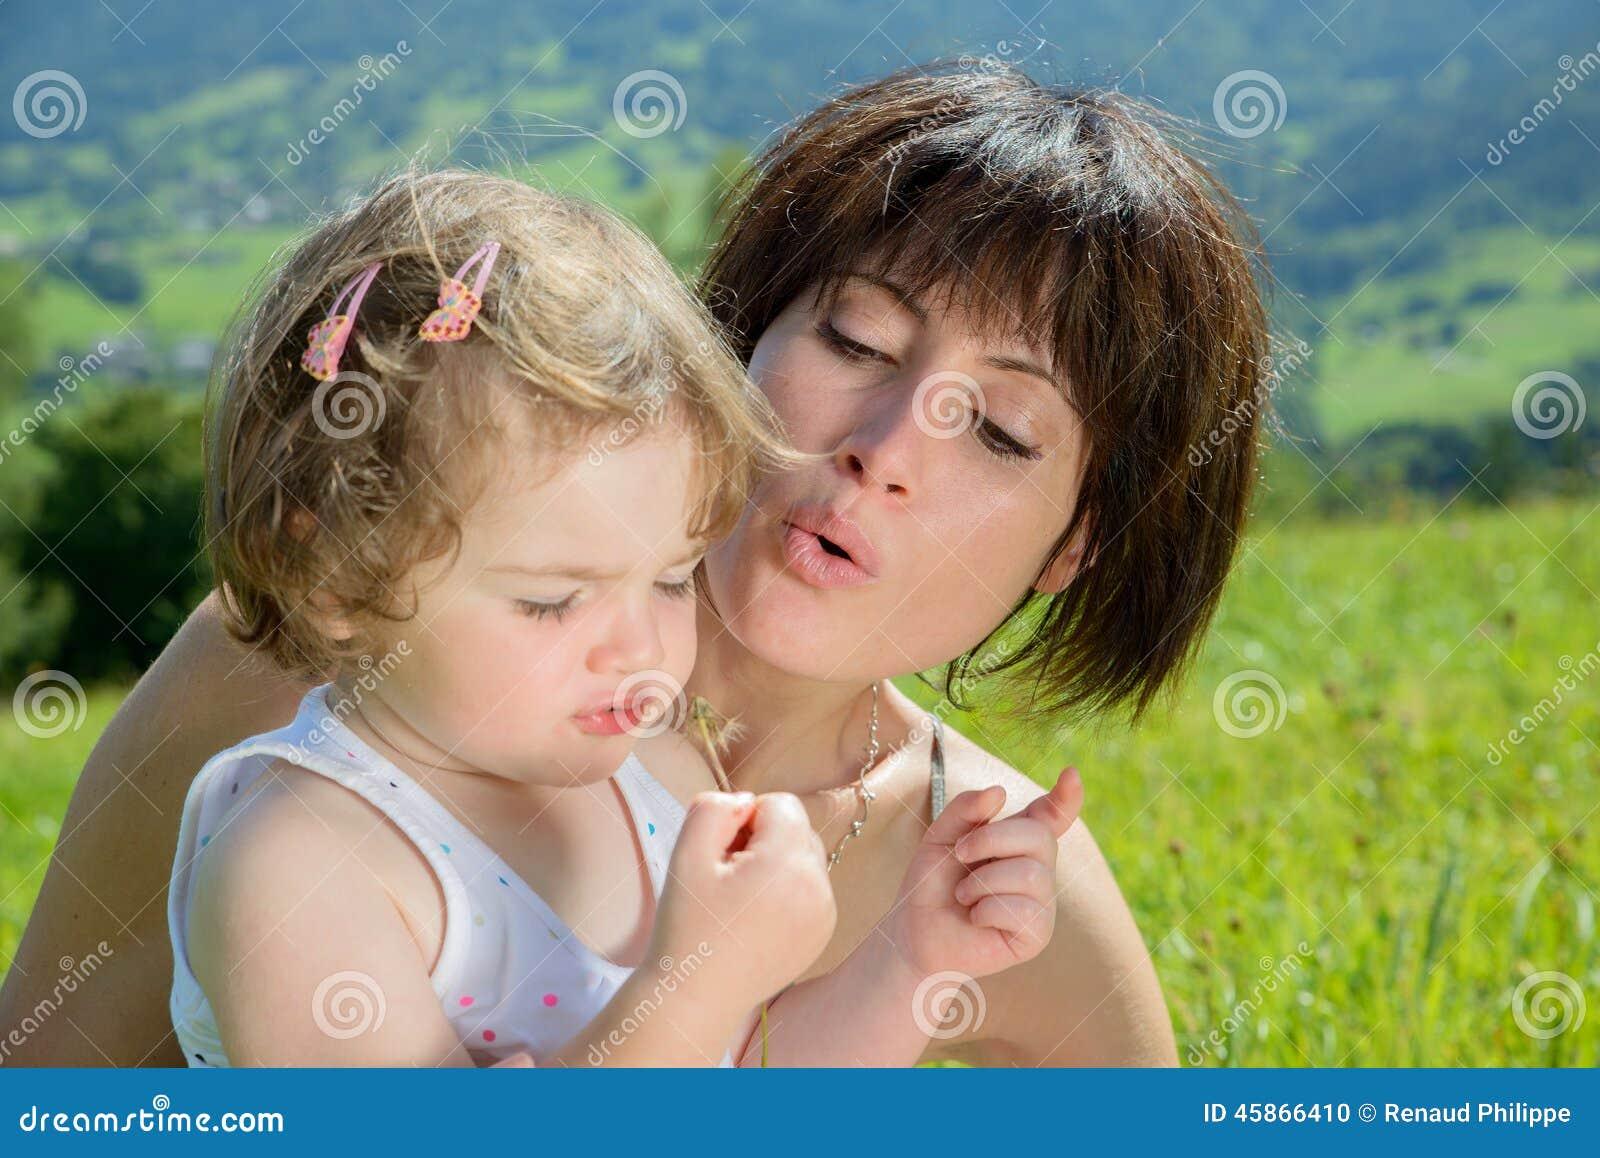 Красивые мама и дочь играют с цветком